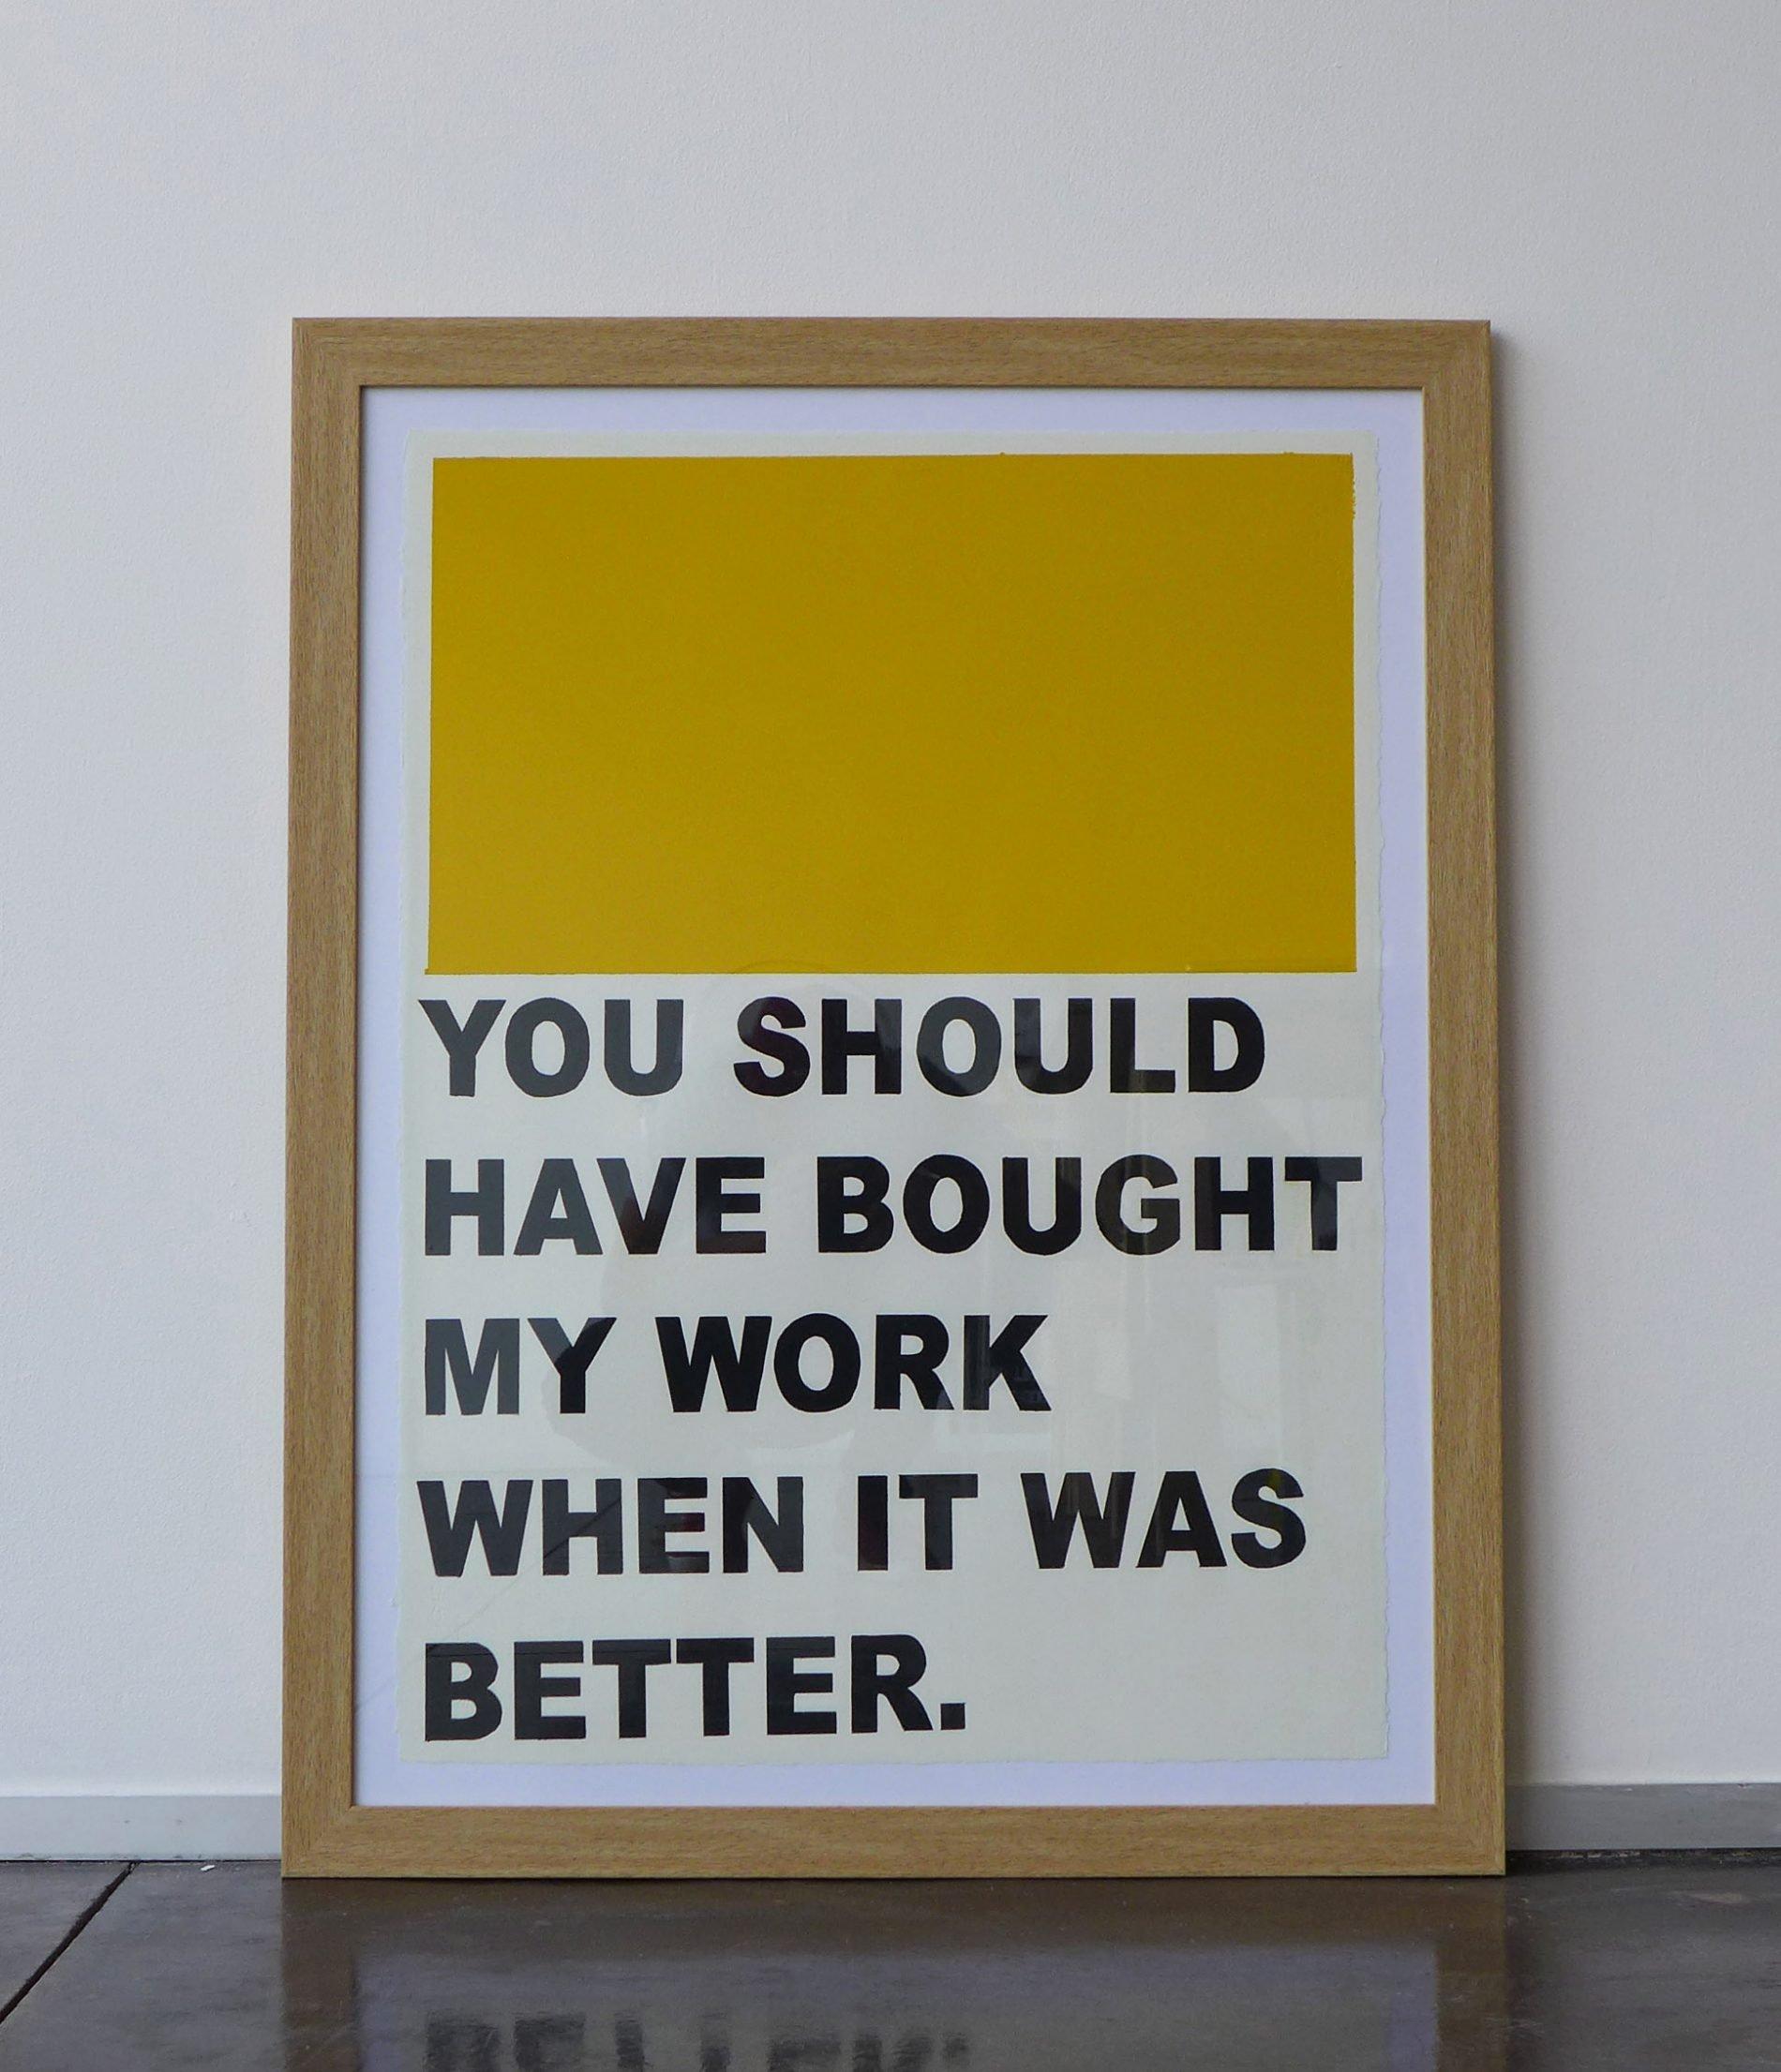 Nicolas Vander Biest. When It Was Better, 2020, acrylic on paper, 19.7 x 27.5 in (50 x 70 cm)